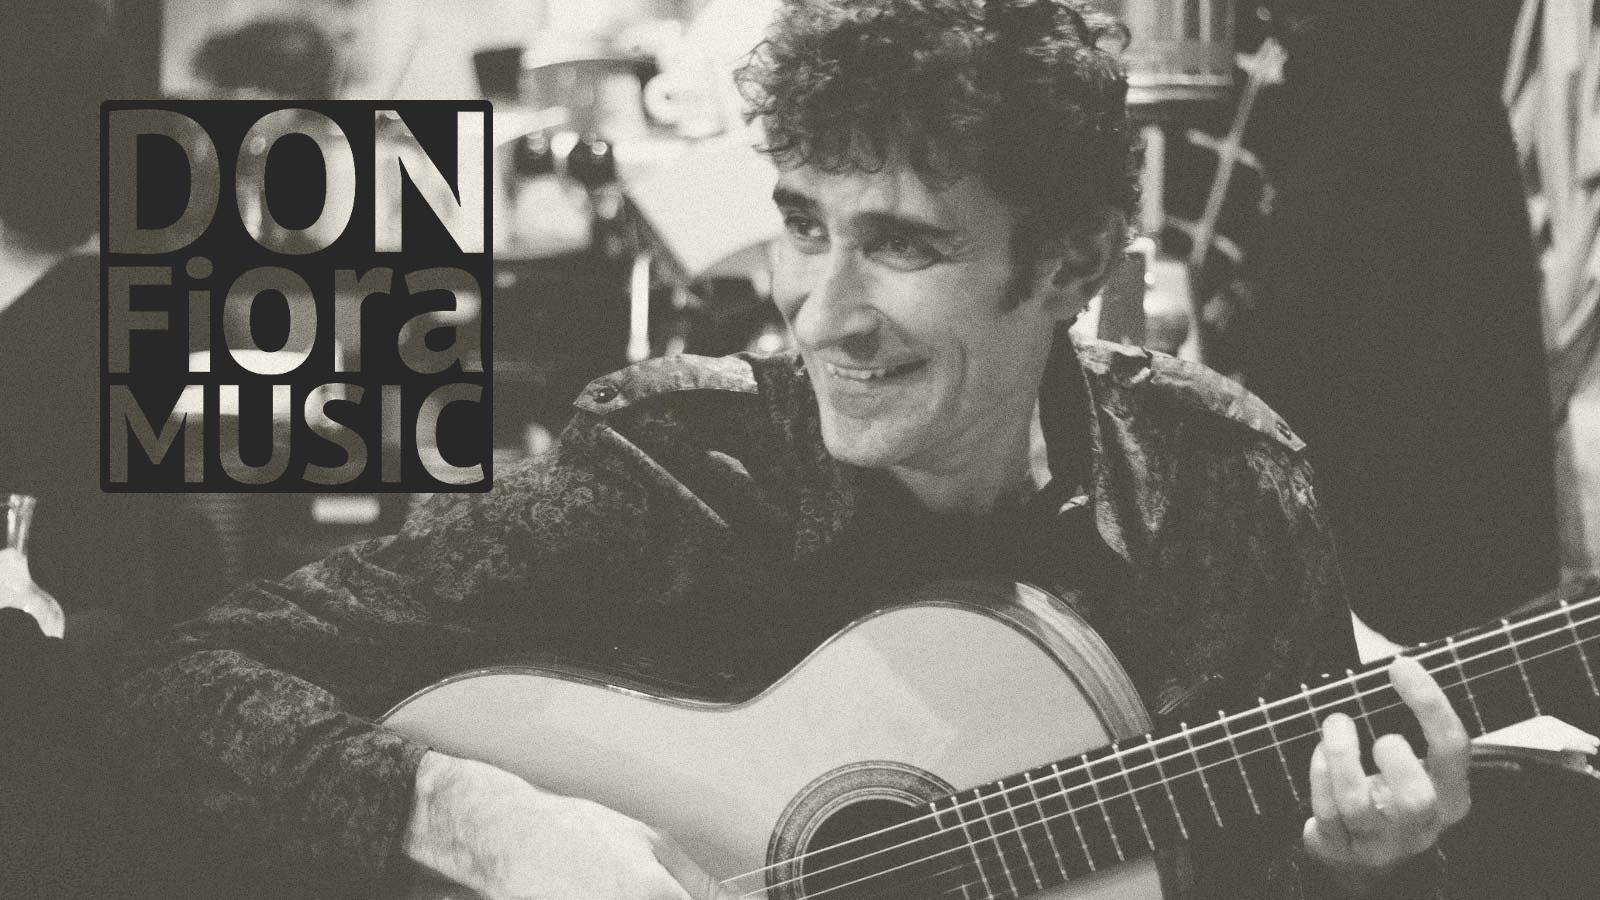 Logo for Don Fiora Music